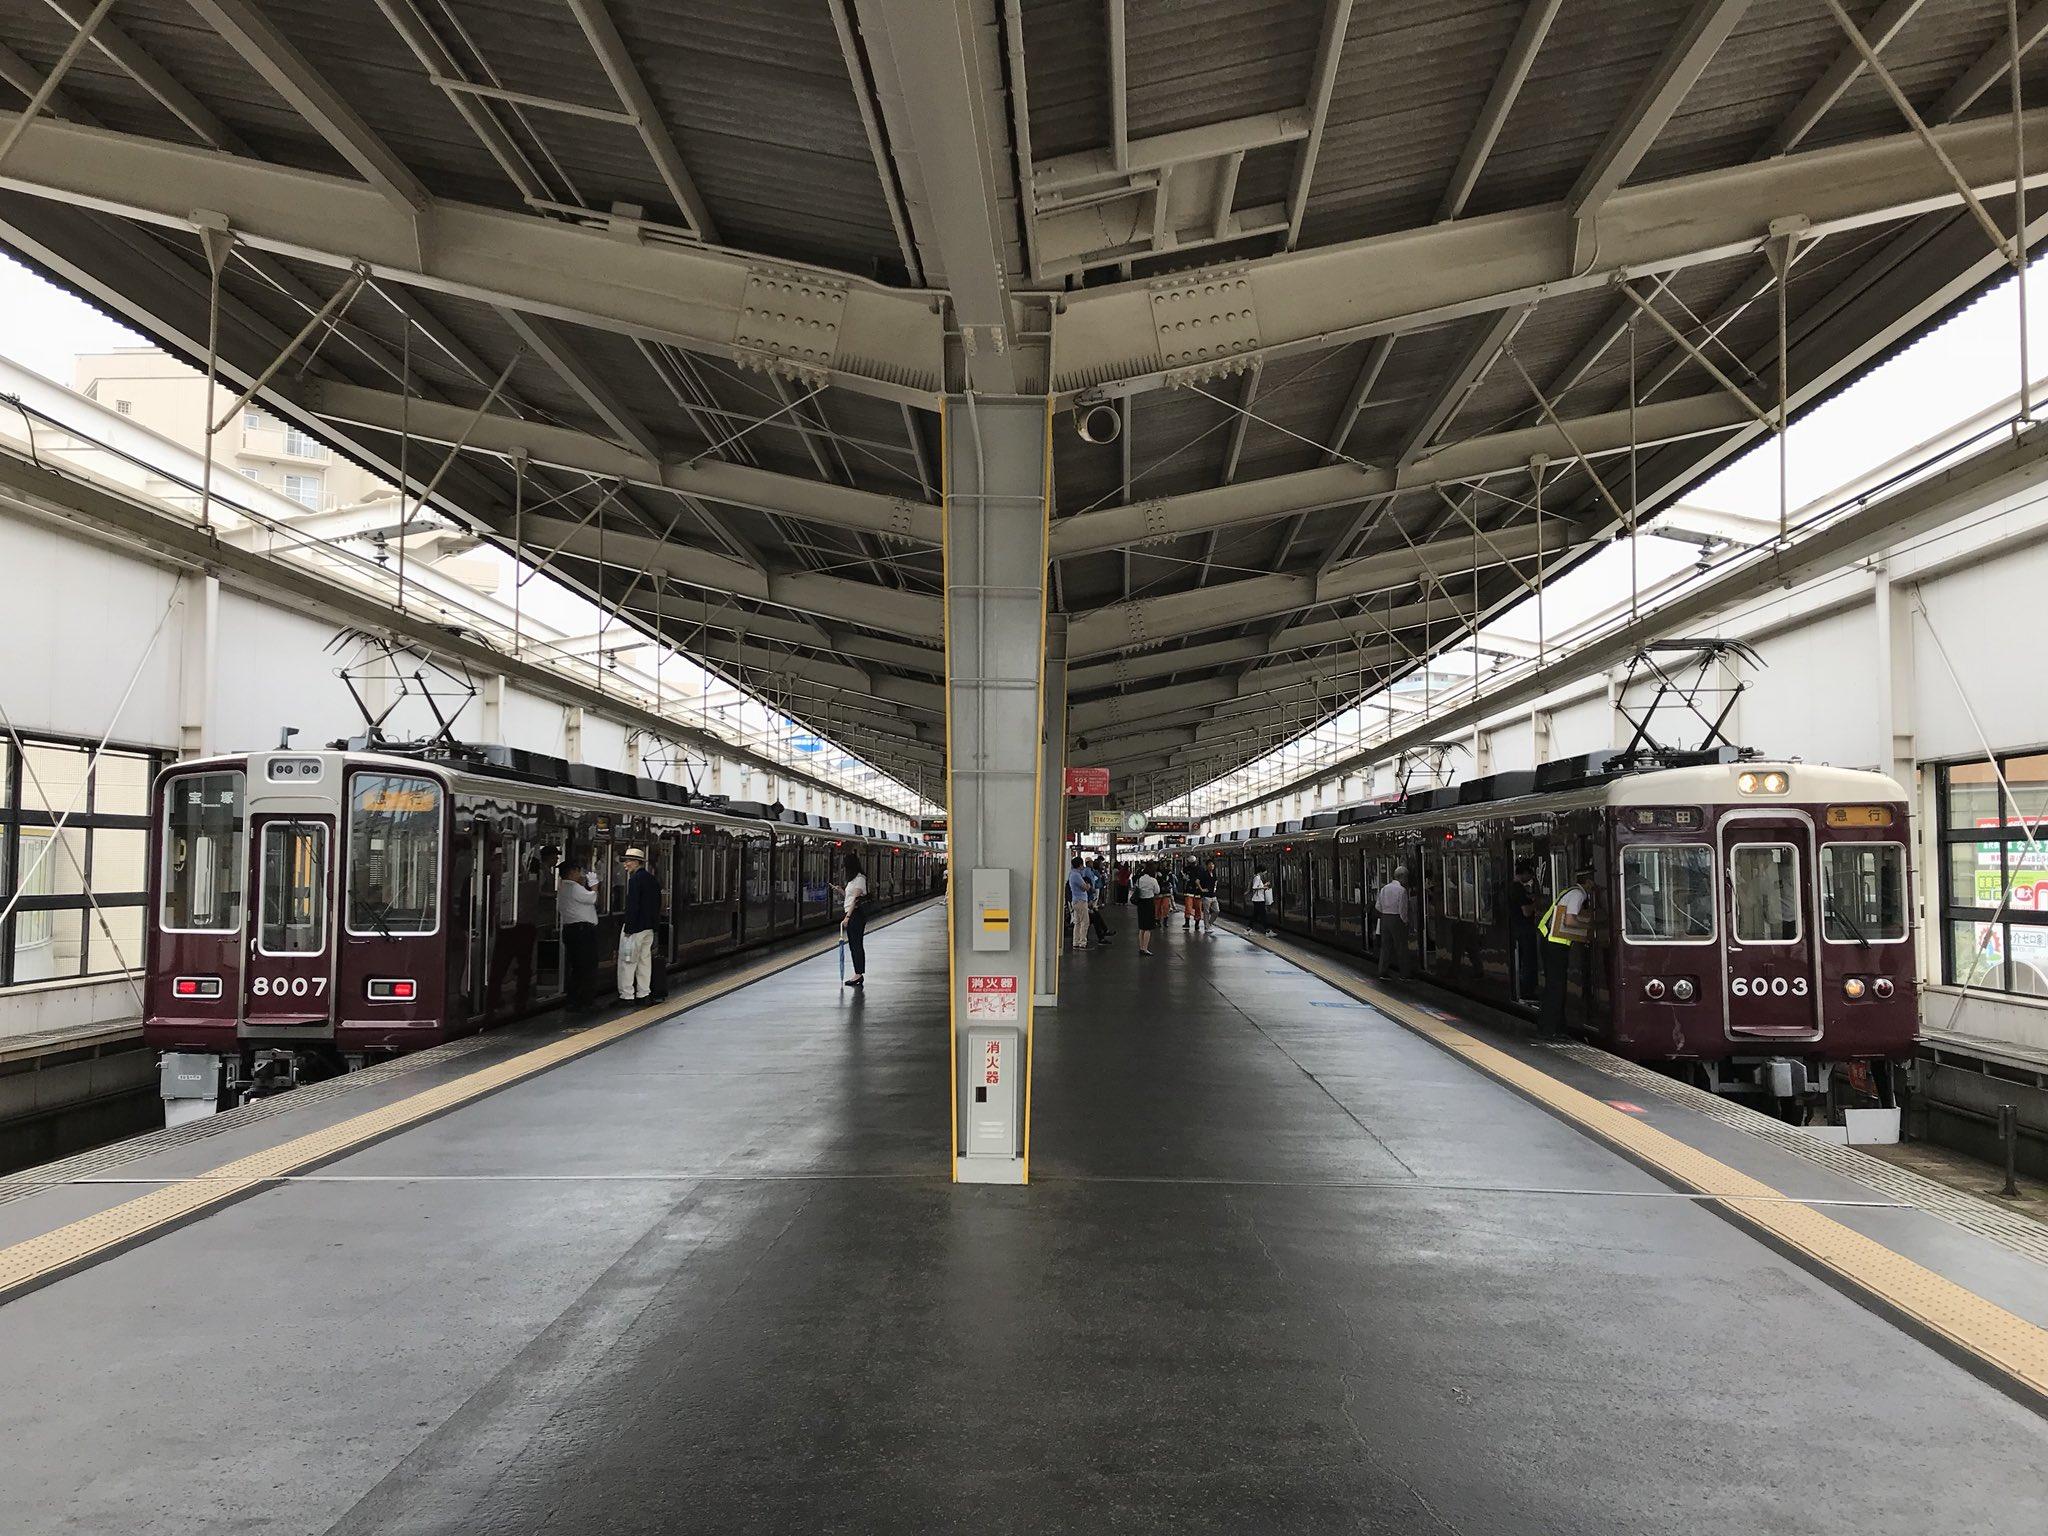 阪急宝塚線の池田駅で人身事故が起きたホームの画像